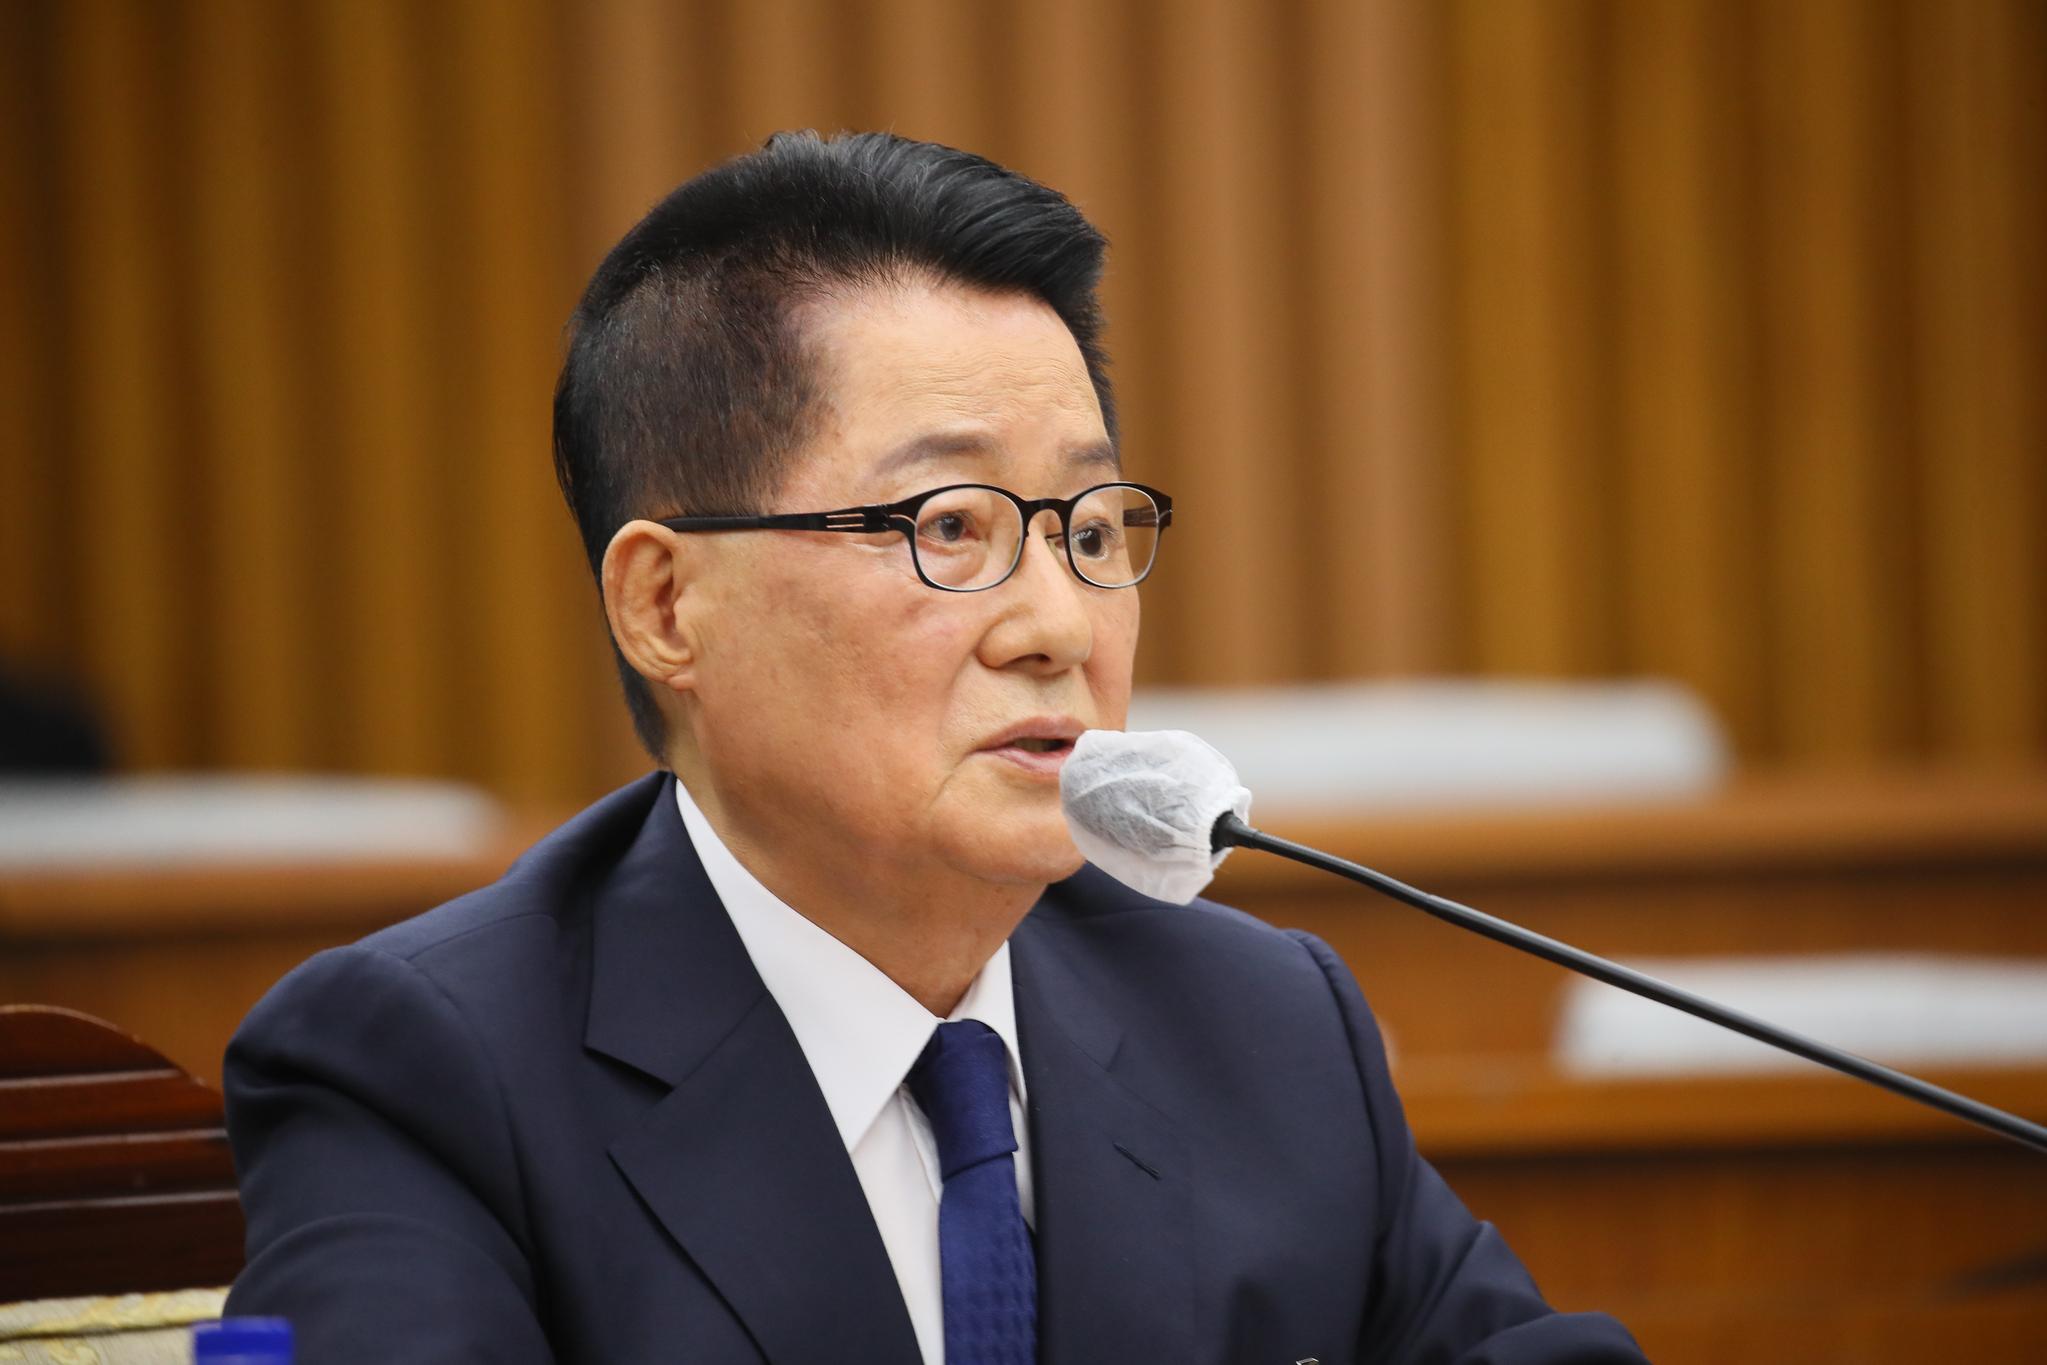 박지원 국가정보원장 후보자가 27일 국회에서 열린 정보위원회 인사청문회에서 발언하고 있다. 연합뉴스